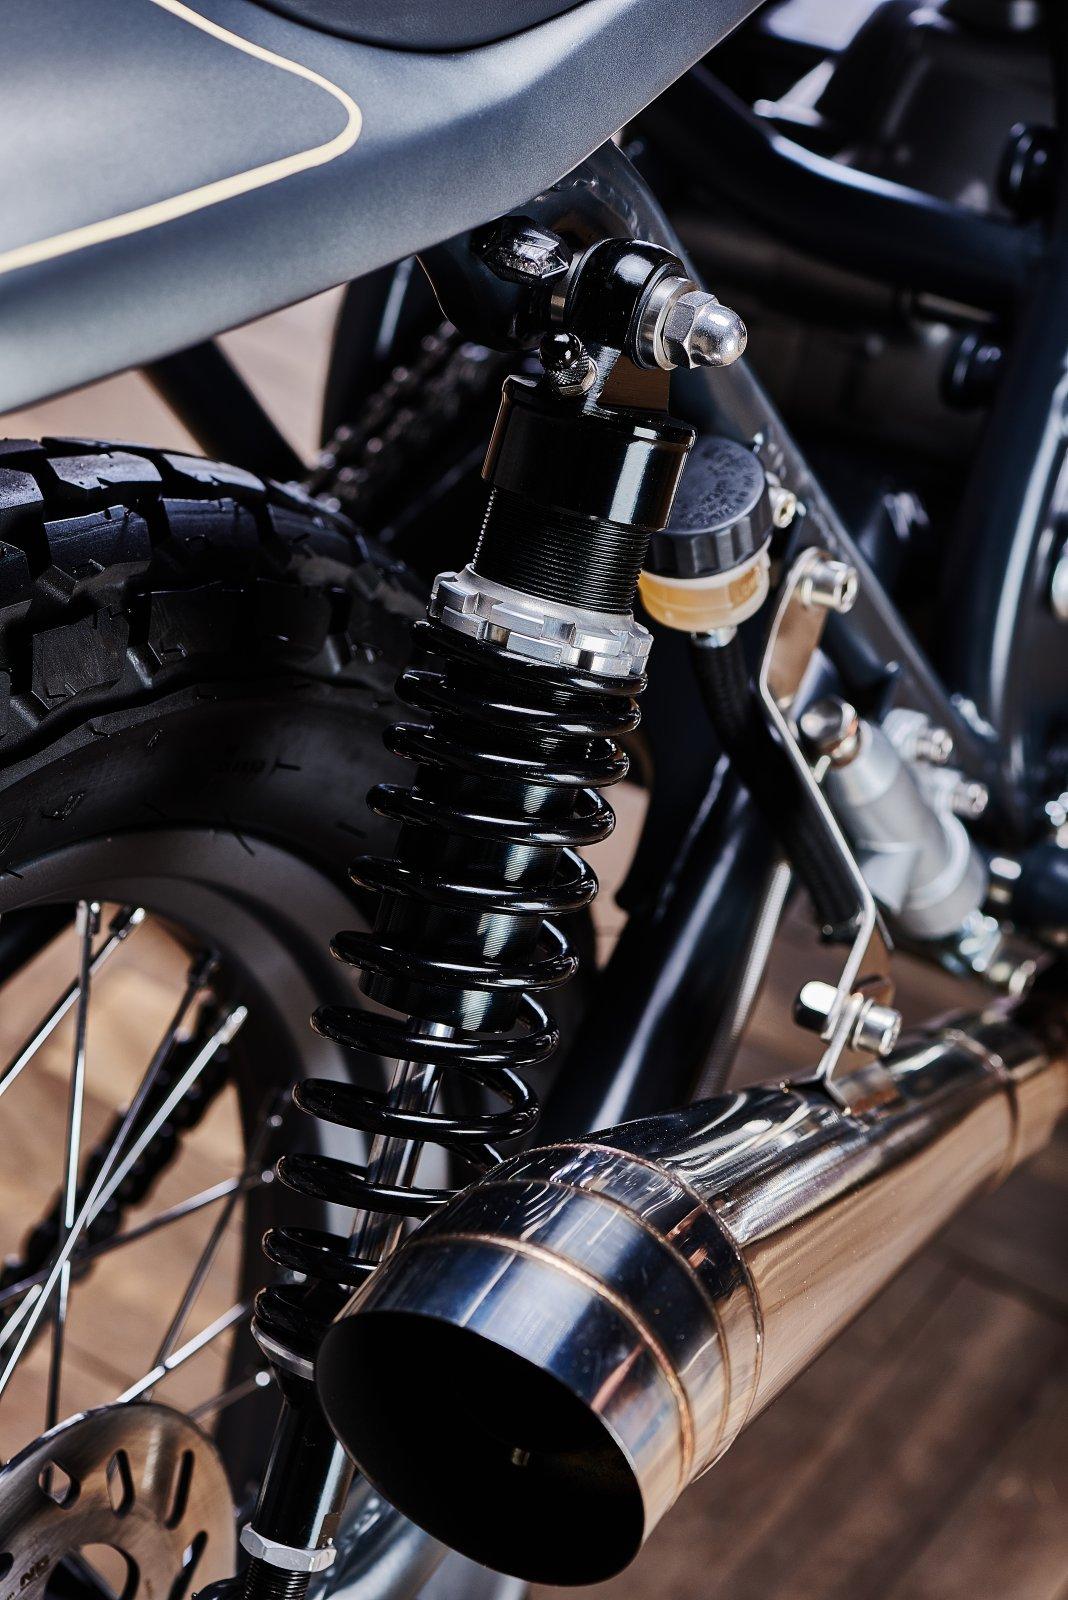 Ventus Garage Suzuki GN400 Street Tracker